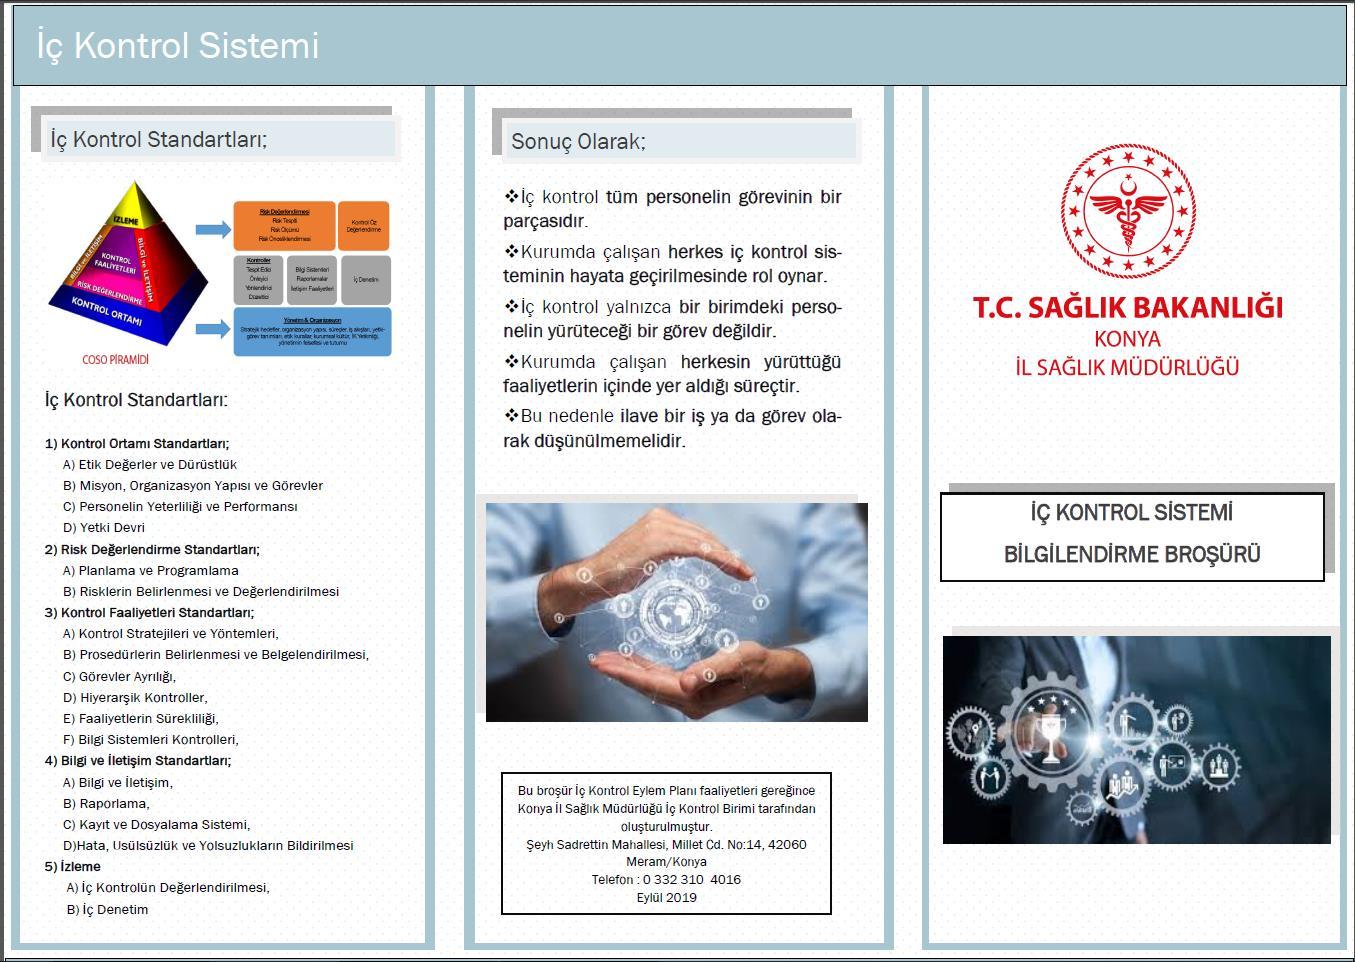 broşür1.png